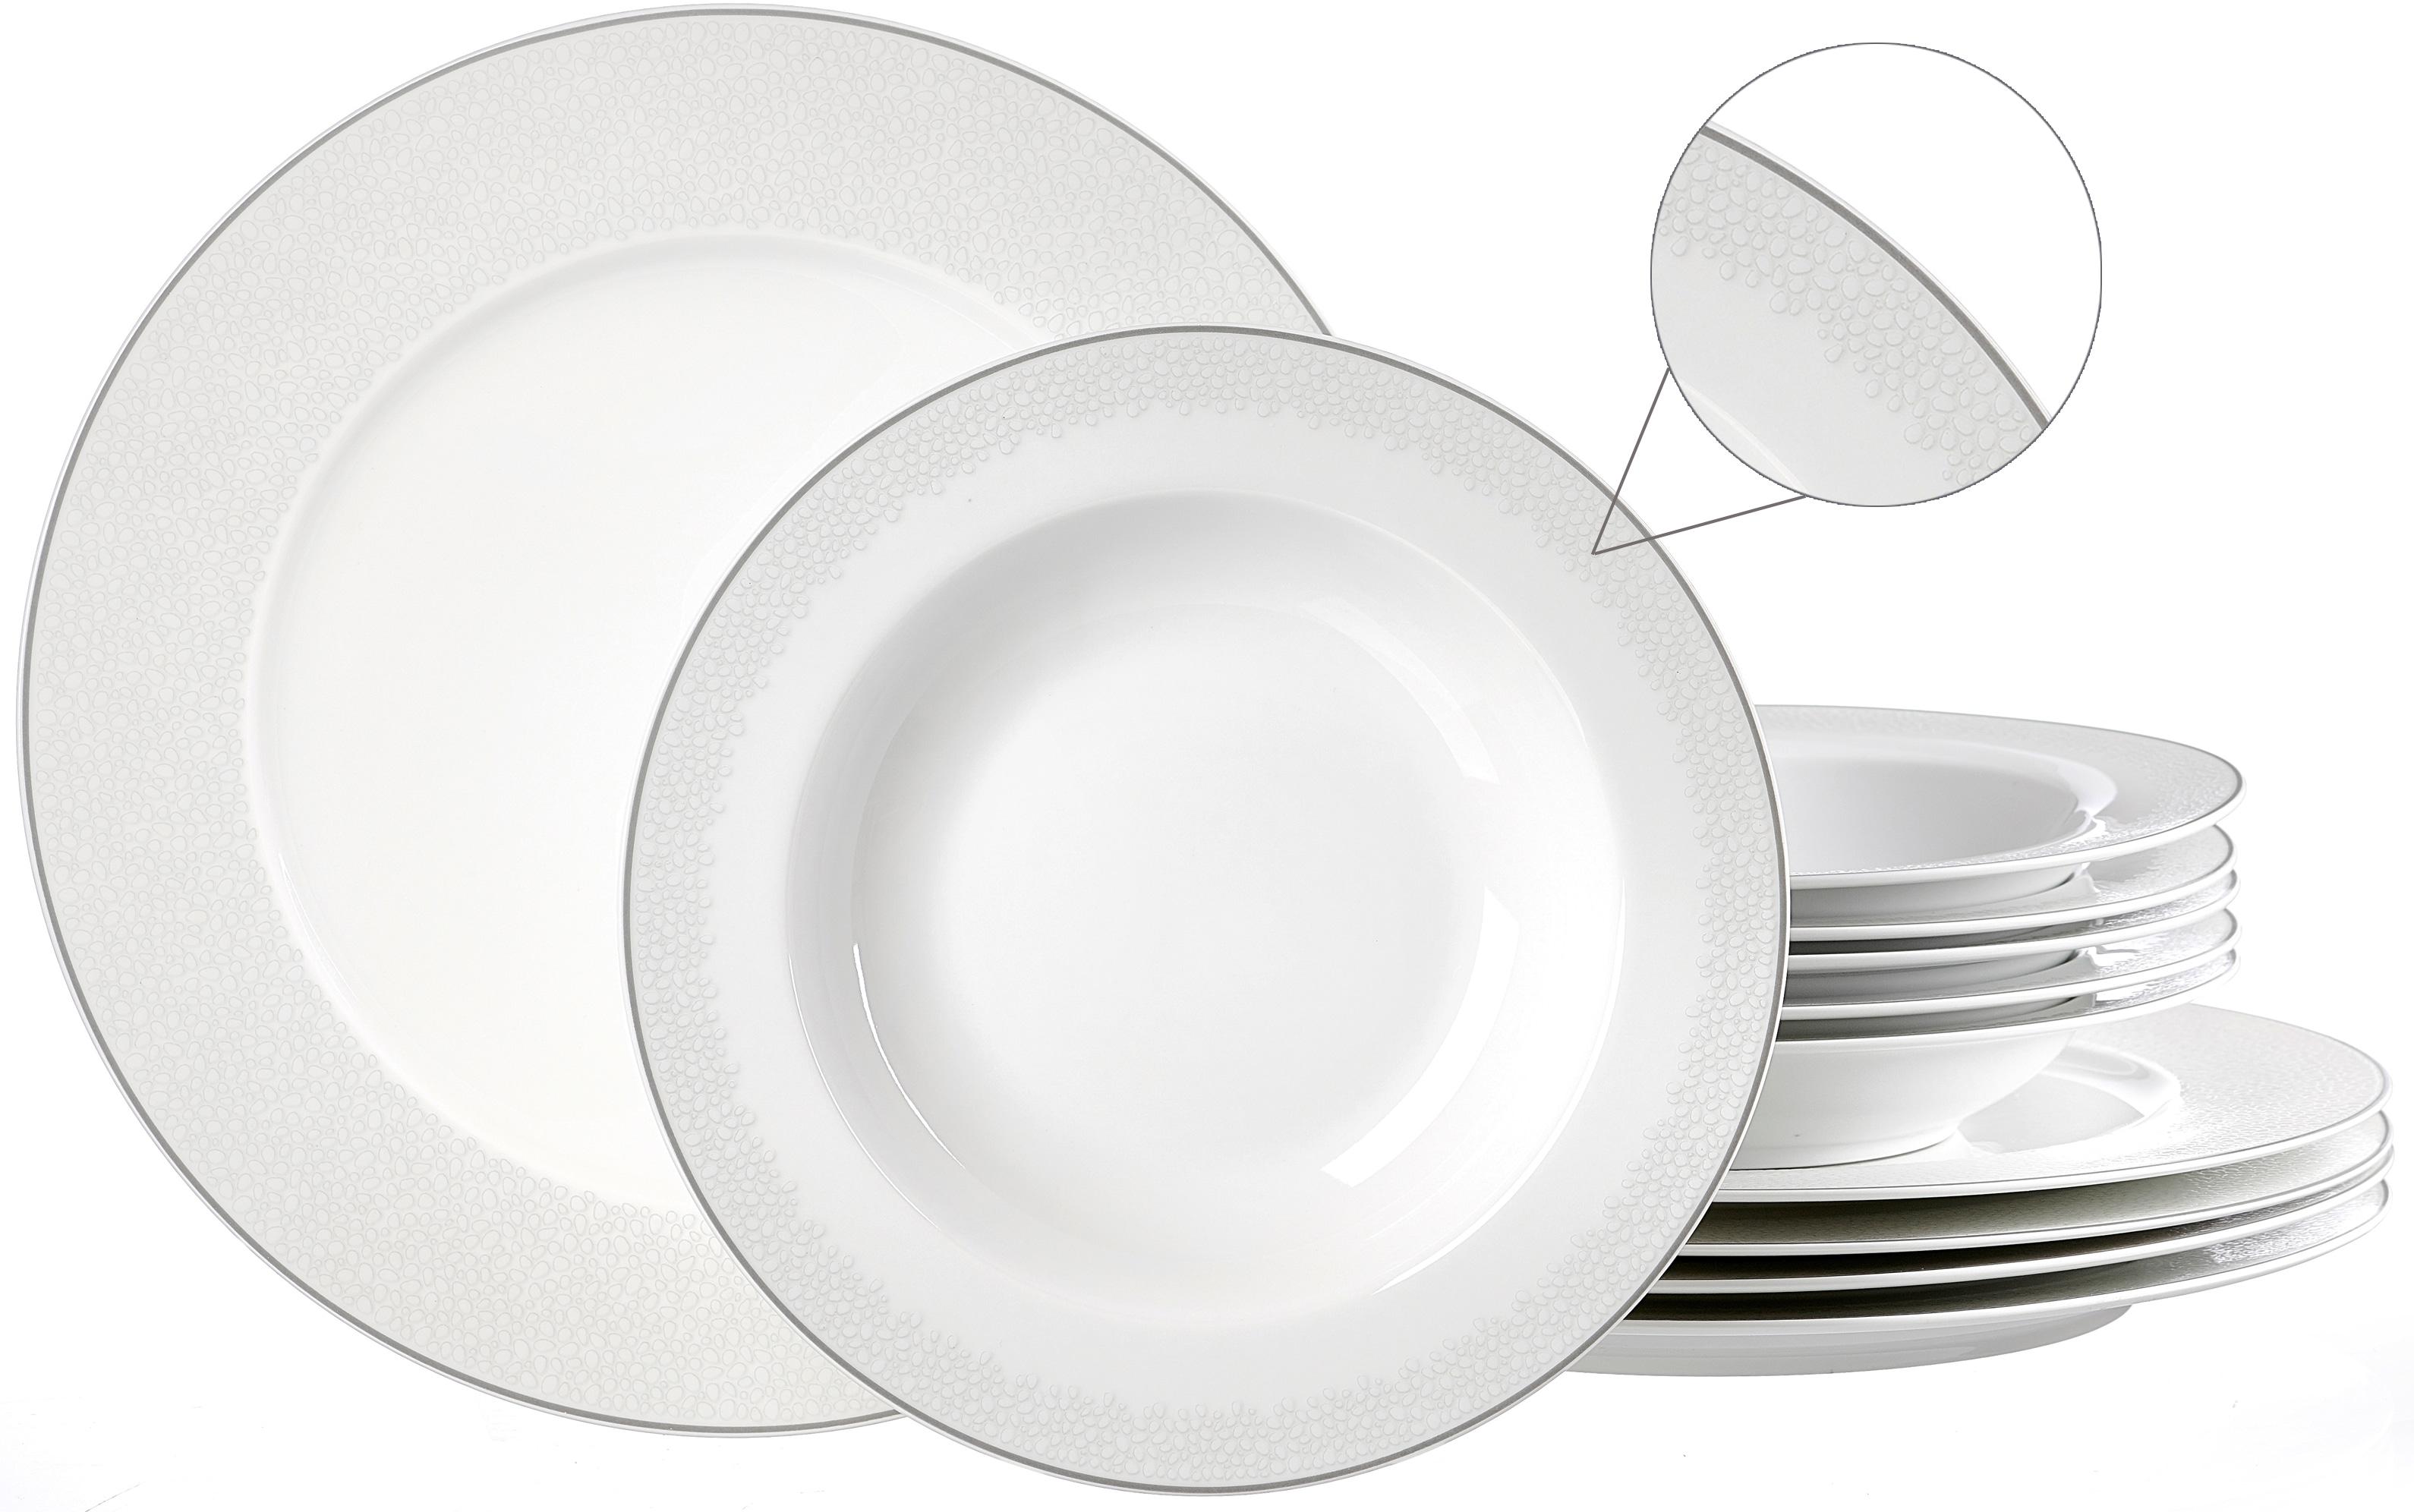 Ritzenhoff & Breker Tafelservice Venezia, (Set, 12 tlg.), puristisches Design weiß Geschirr-Sets Geschirr, Porzellan Tischaccessoires Haushaltswaren